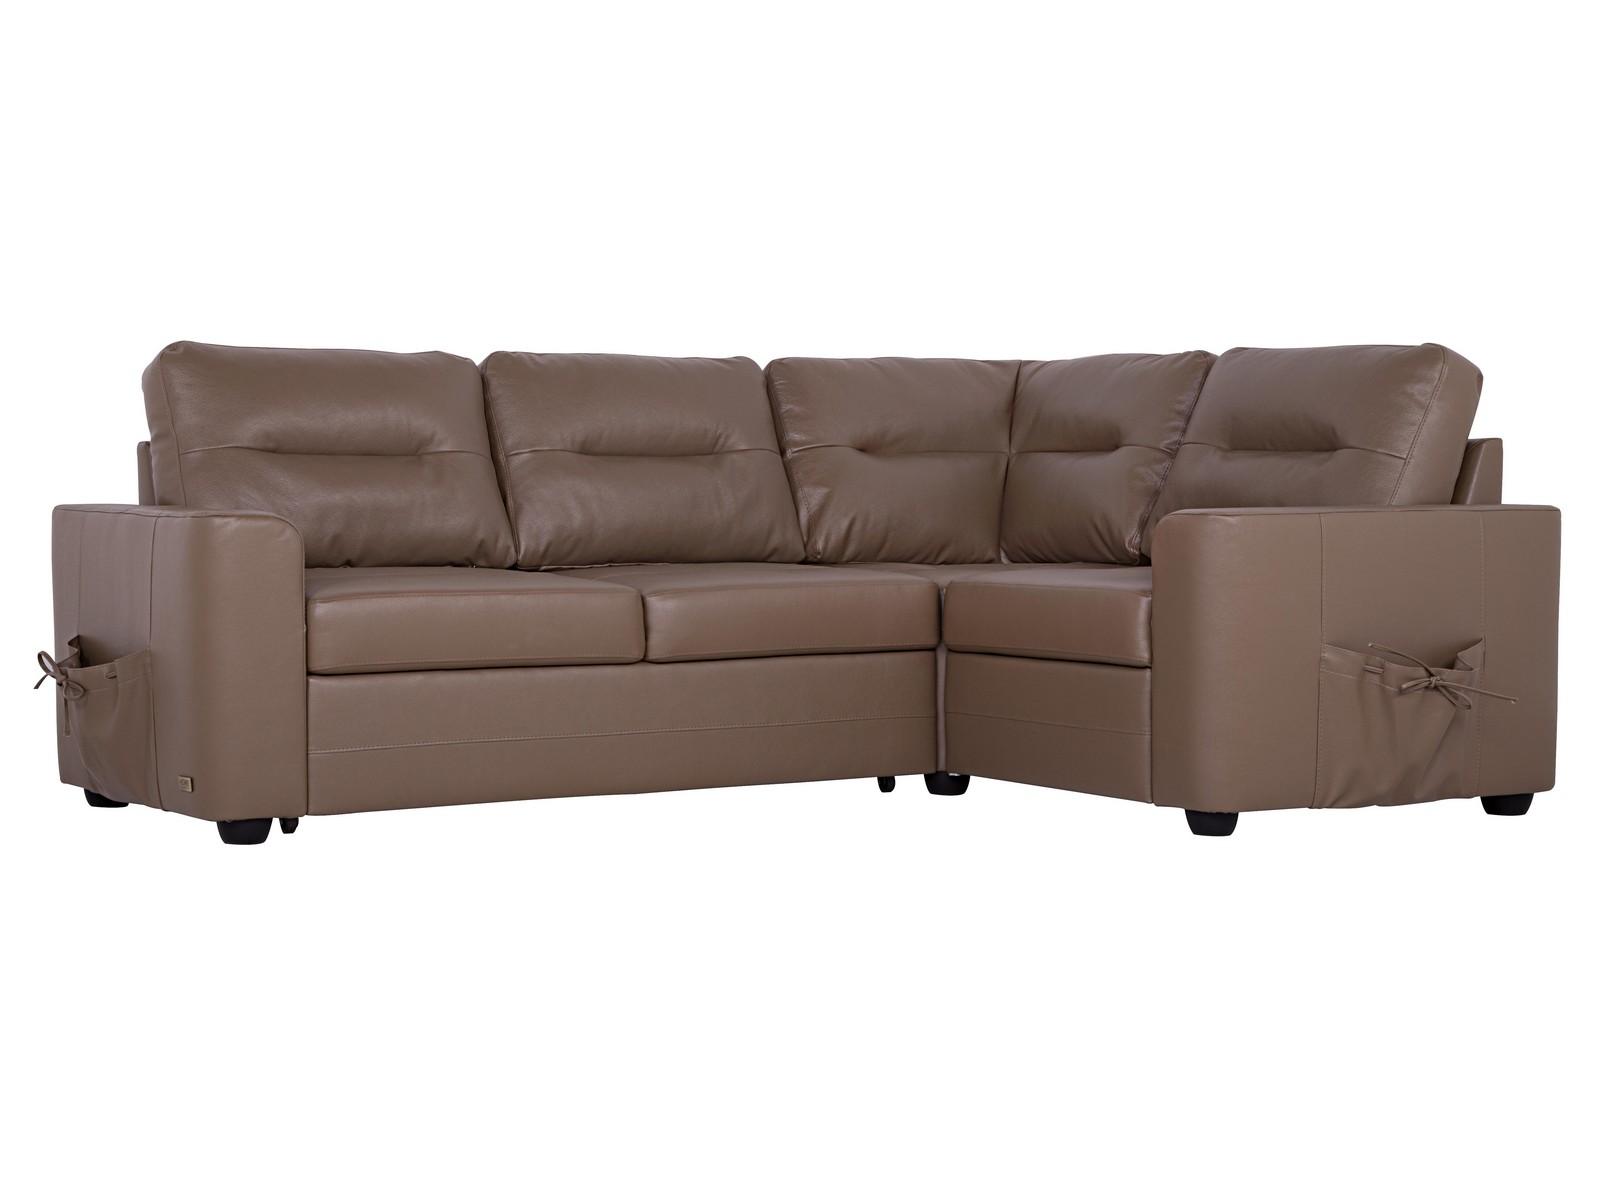 Угловой диван-кровать БеллиноКожаные диваны<br>&amp;lt;span style=&amp;quot;font-size: 14px;&amp;quot;&amp;gt;Вы думаете, что вы видели уже все? Только взгляните на &amp;quot;Беллино&amp;quot;. Минималистический дизайн, удобные боковые карманы, необычное расположение угловой части - стиль в чистом виде! Он станет ярким дополнением для любой комнаты, а раскладной механизм &amp;quot;дельфин&amp;quot; быстро превратит его в полноценную двуспальную кровать.&amp;lt;/span&amp;gt;&amp;lt;div style=&amp;quot;font-size: 14px;&amp;quot;&amp;gt;&amp;lt;br&amp;gt;&amp;lt;/div&amp;gt;&amp;lt;div style=&amp;quot;font-size: 14px;&amp;quot;&amp;gt;&amp;lt;span style=&amp;quot;font-size: 14px;&amp;quot;&amp;gt;Размер спального места: 199х137 см.&amp;lt;/span&amp;gt;&amp;lt;/div&amp;gt;<br><br>Material: Кожа<br>Width см: 235<br>Depth см: 168<br>Height см: 88